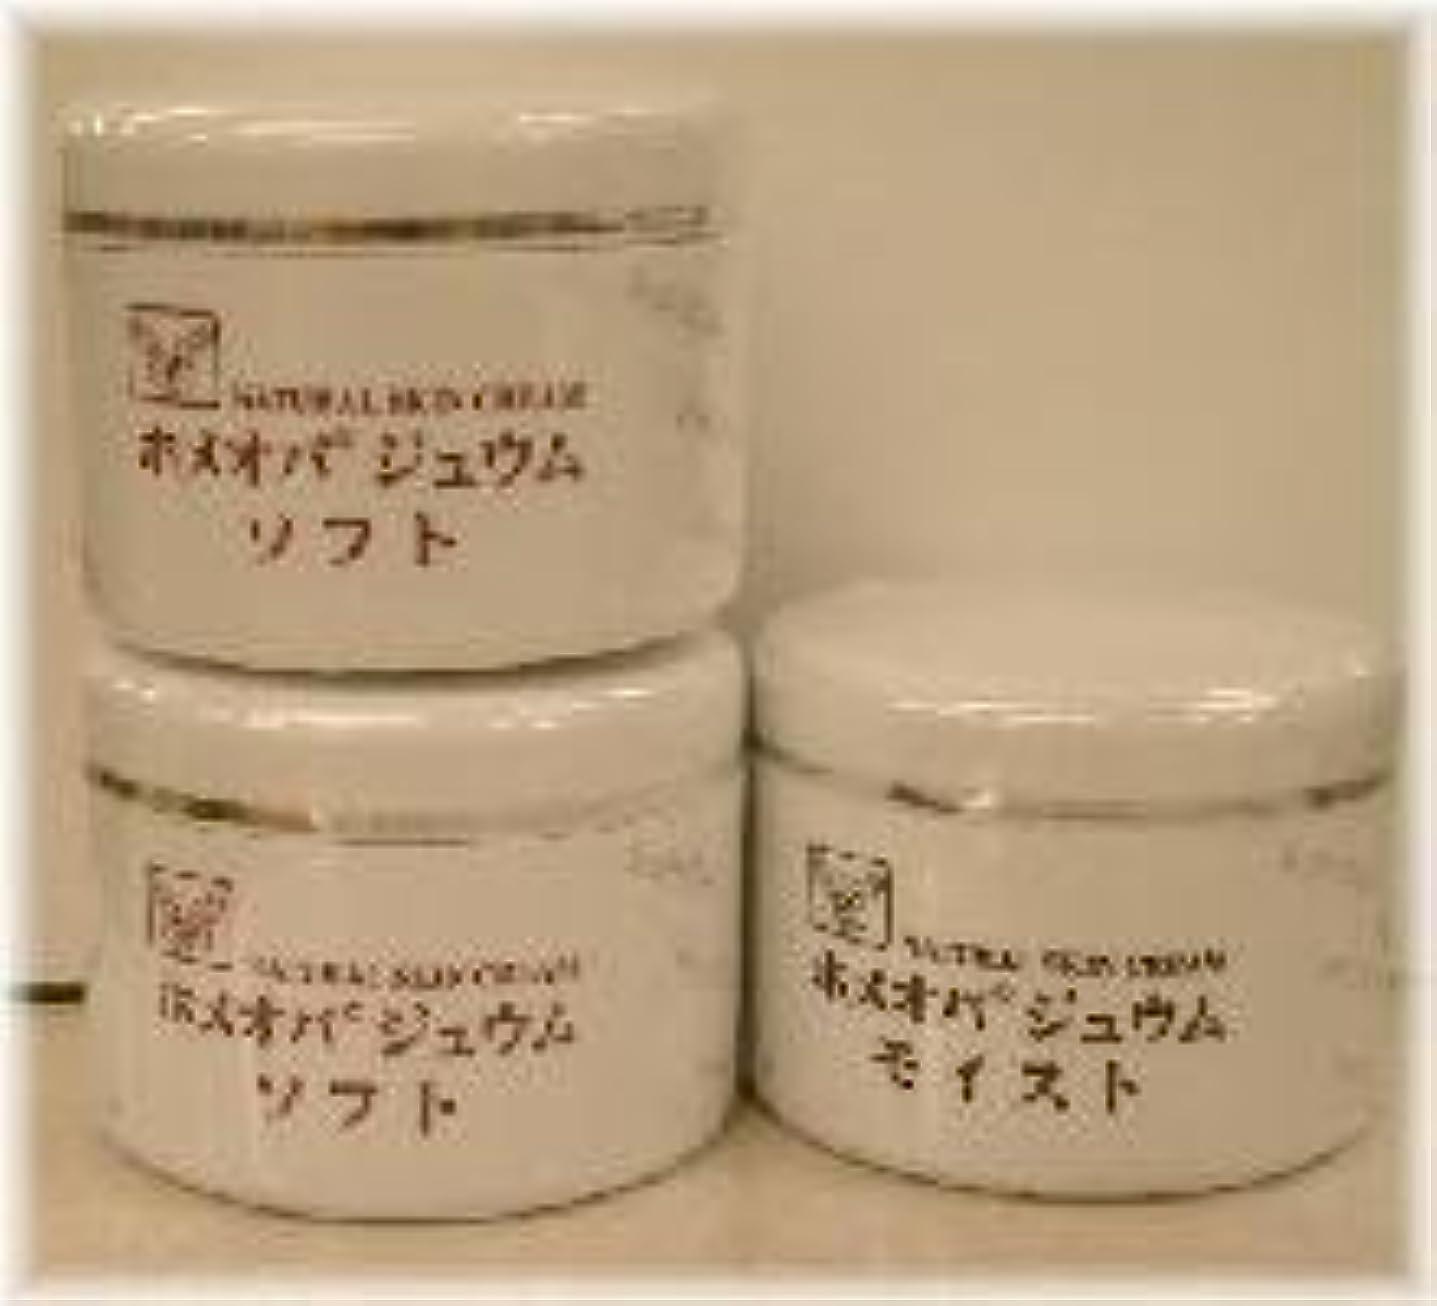 リダクターアトラス感度ホメオパジュウム スキンケア商品3点 ¥10500クリームソフト2個+クリームモイスト